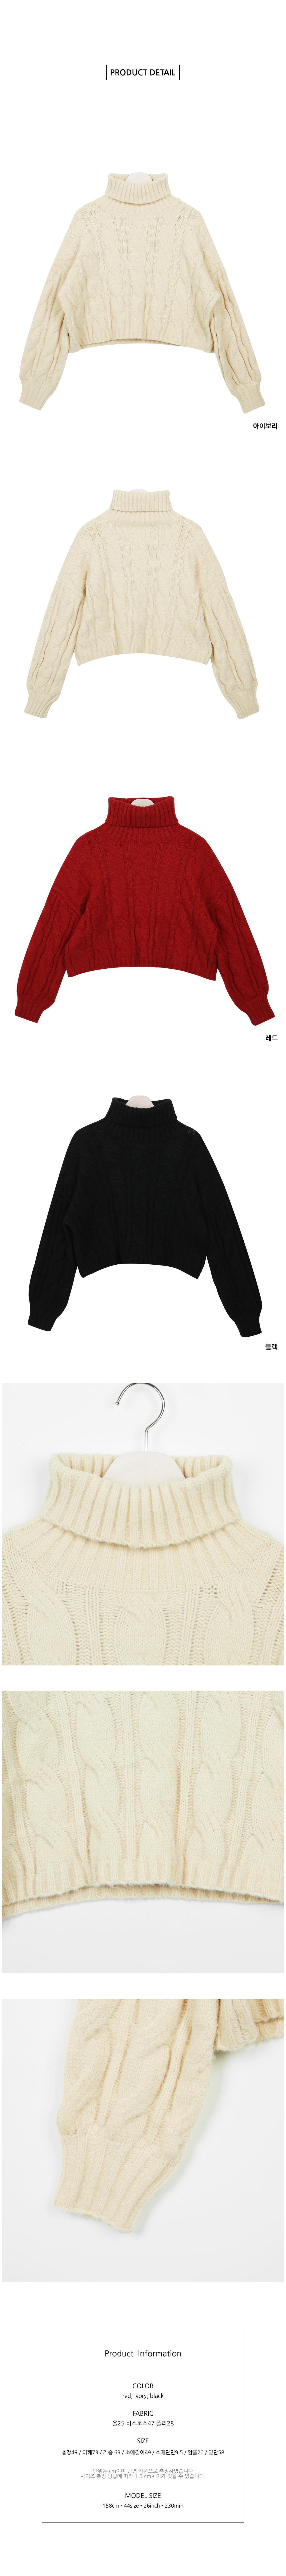 Loose-fit Turtleneck Twisted Neck Wool Knitwear T # YW466